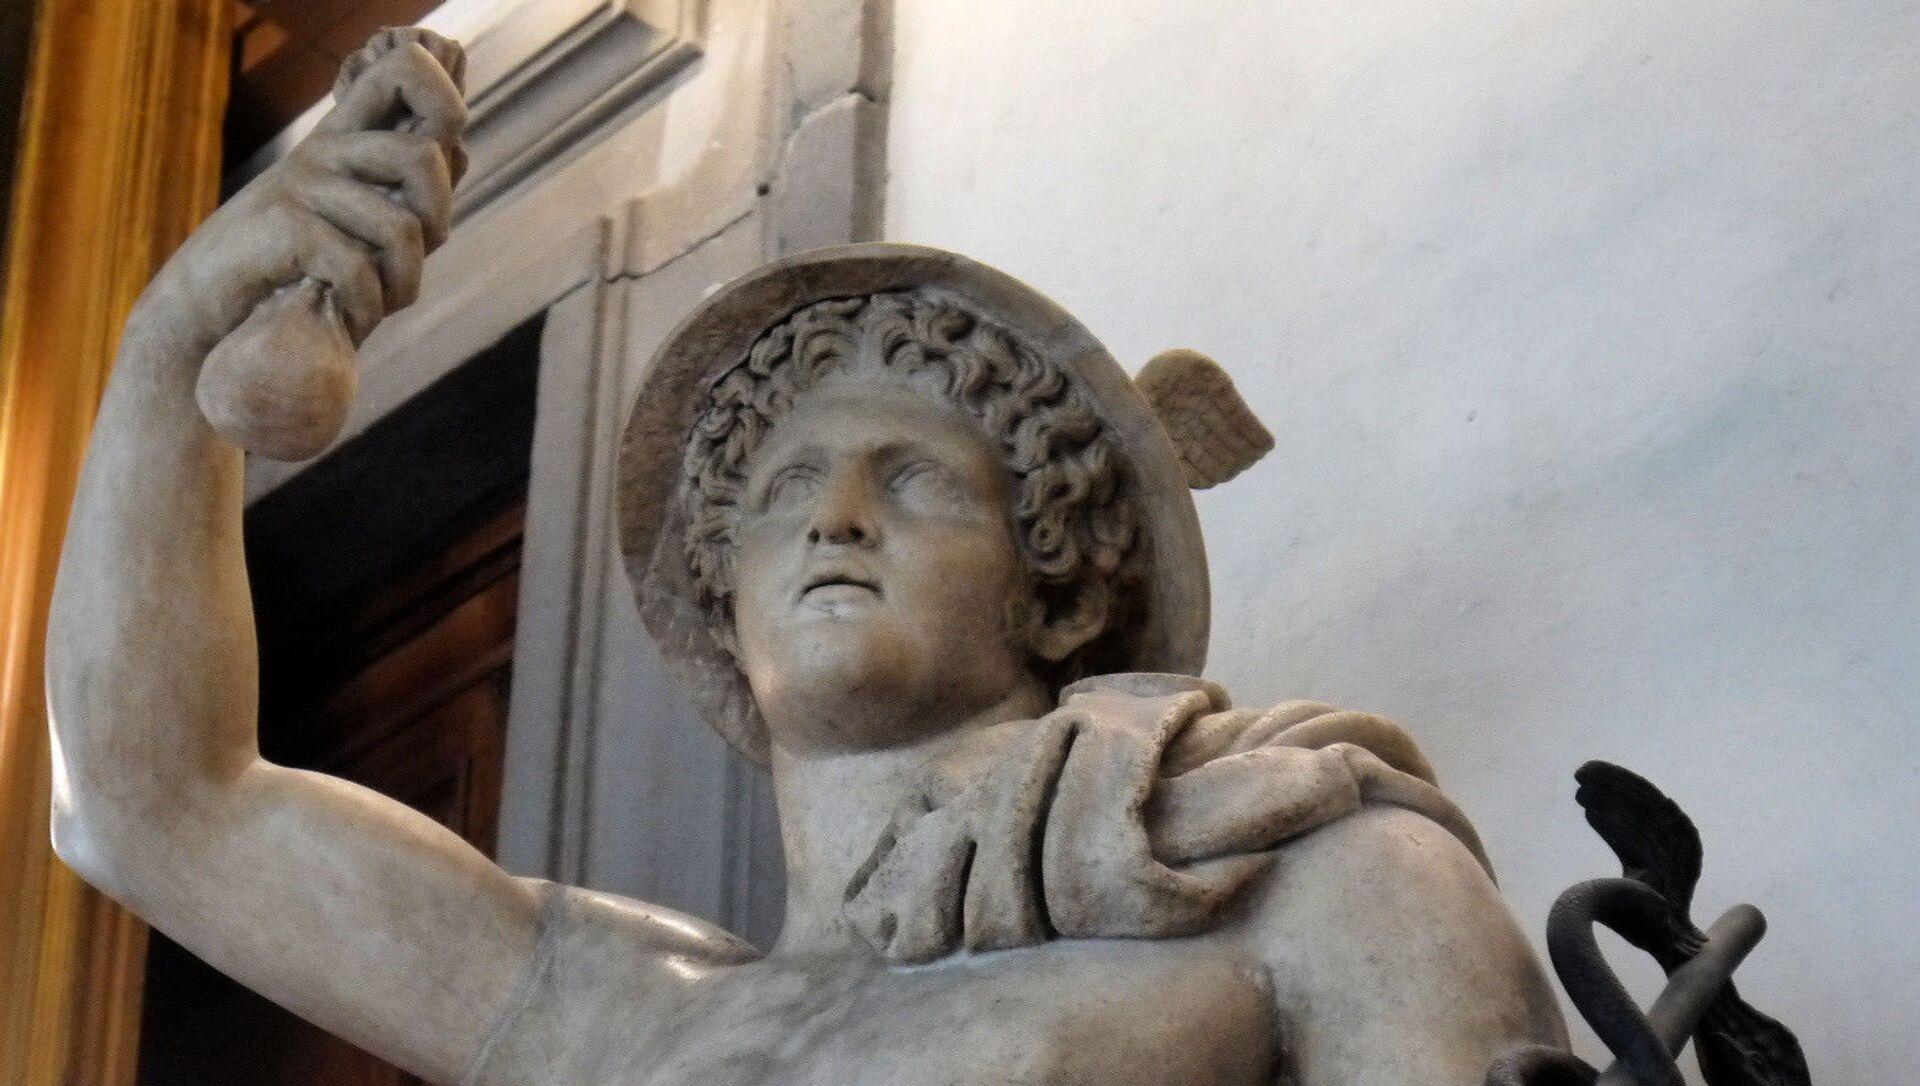 El dios de la mitología griega Hermes - Sputnik Mundo, 1920, 16.11.2020